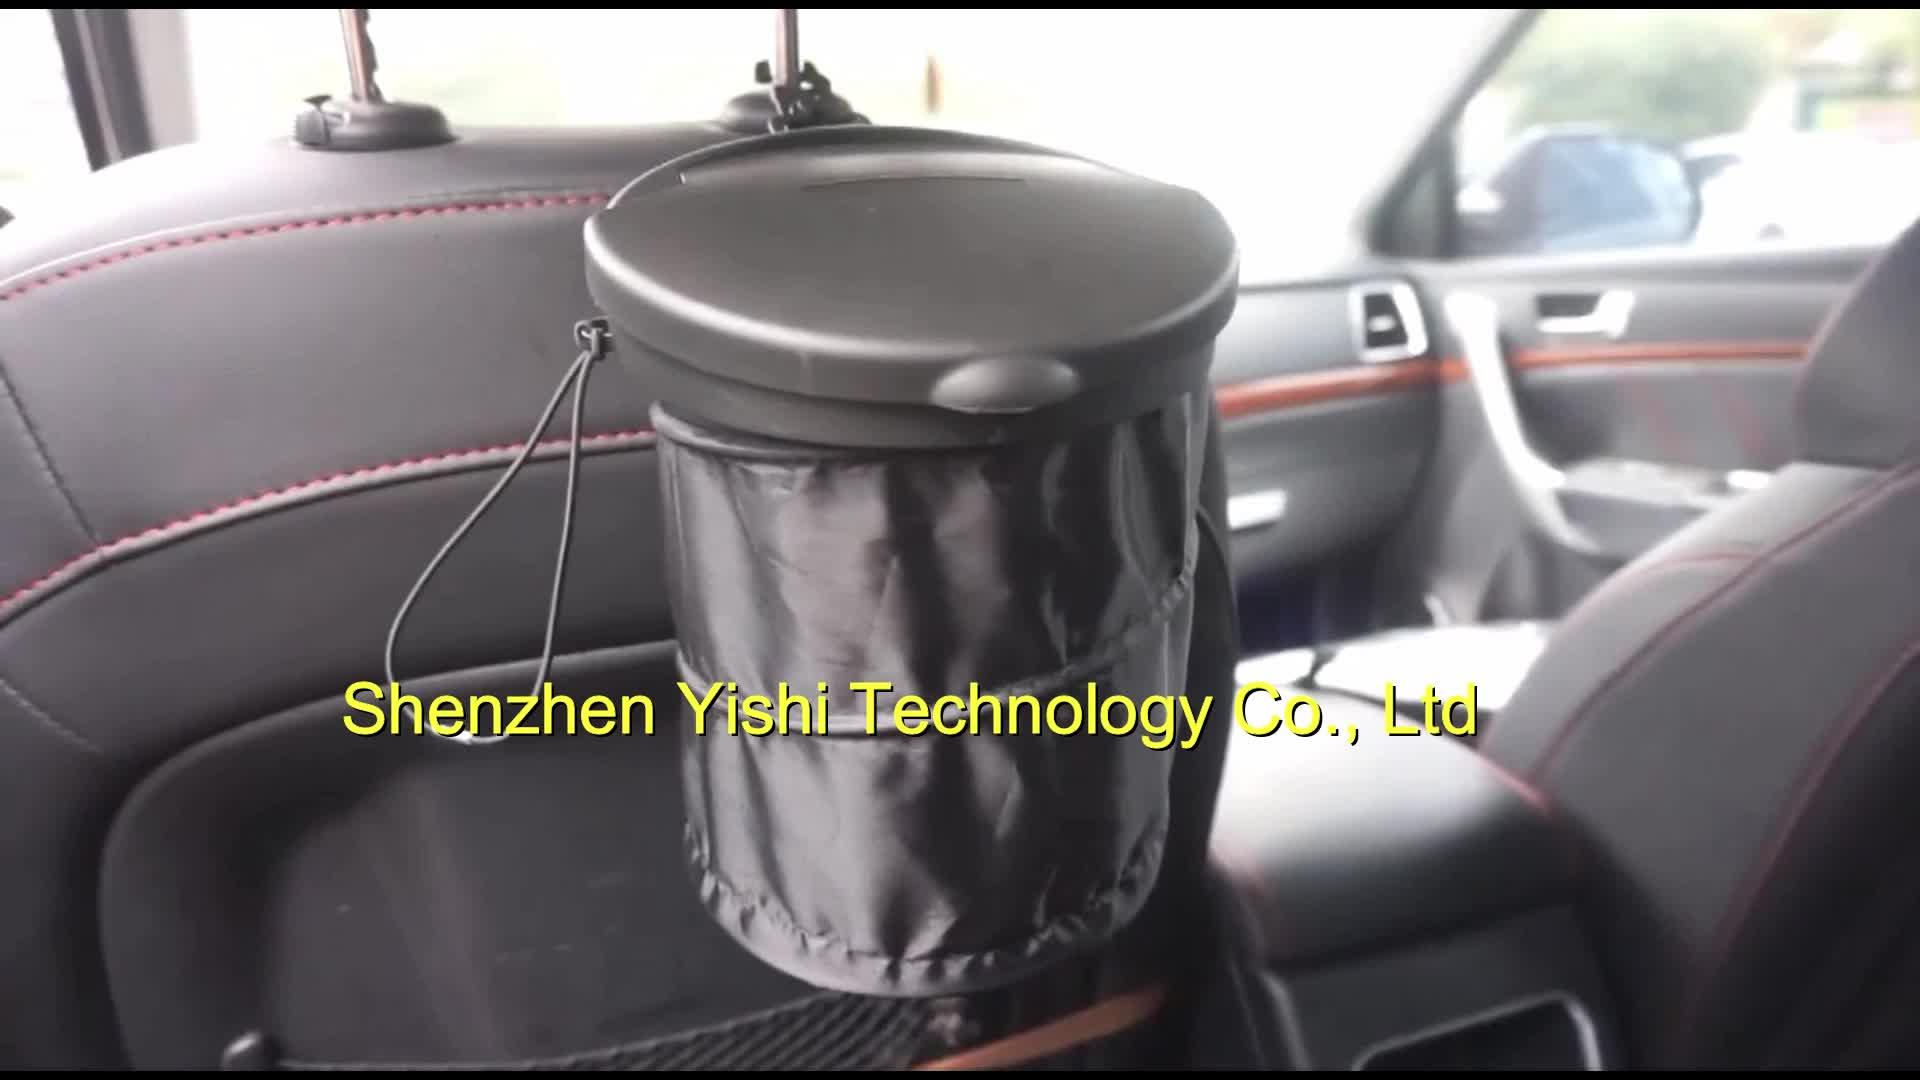 Neue Design Tragbare Umweltfreundliche Hängen Faltbare Faltbare Mülleimer Mini Auto Mülleimer Auto Müll Bin mit Deckel für auto